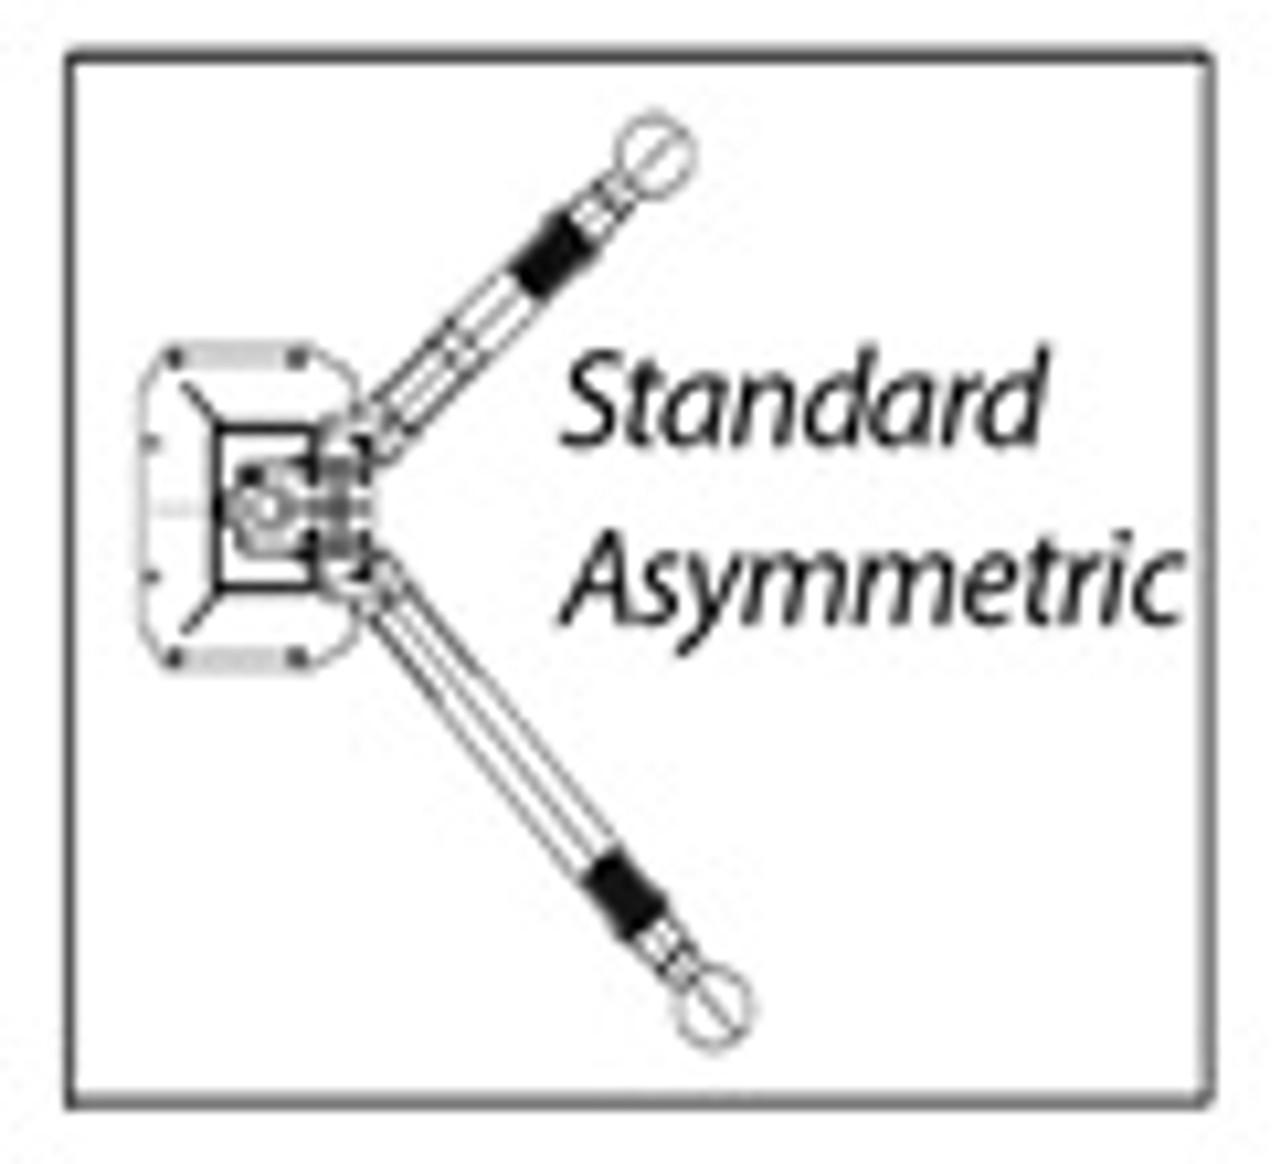 tlt240sc_standard_asymmetric_arms_thumb